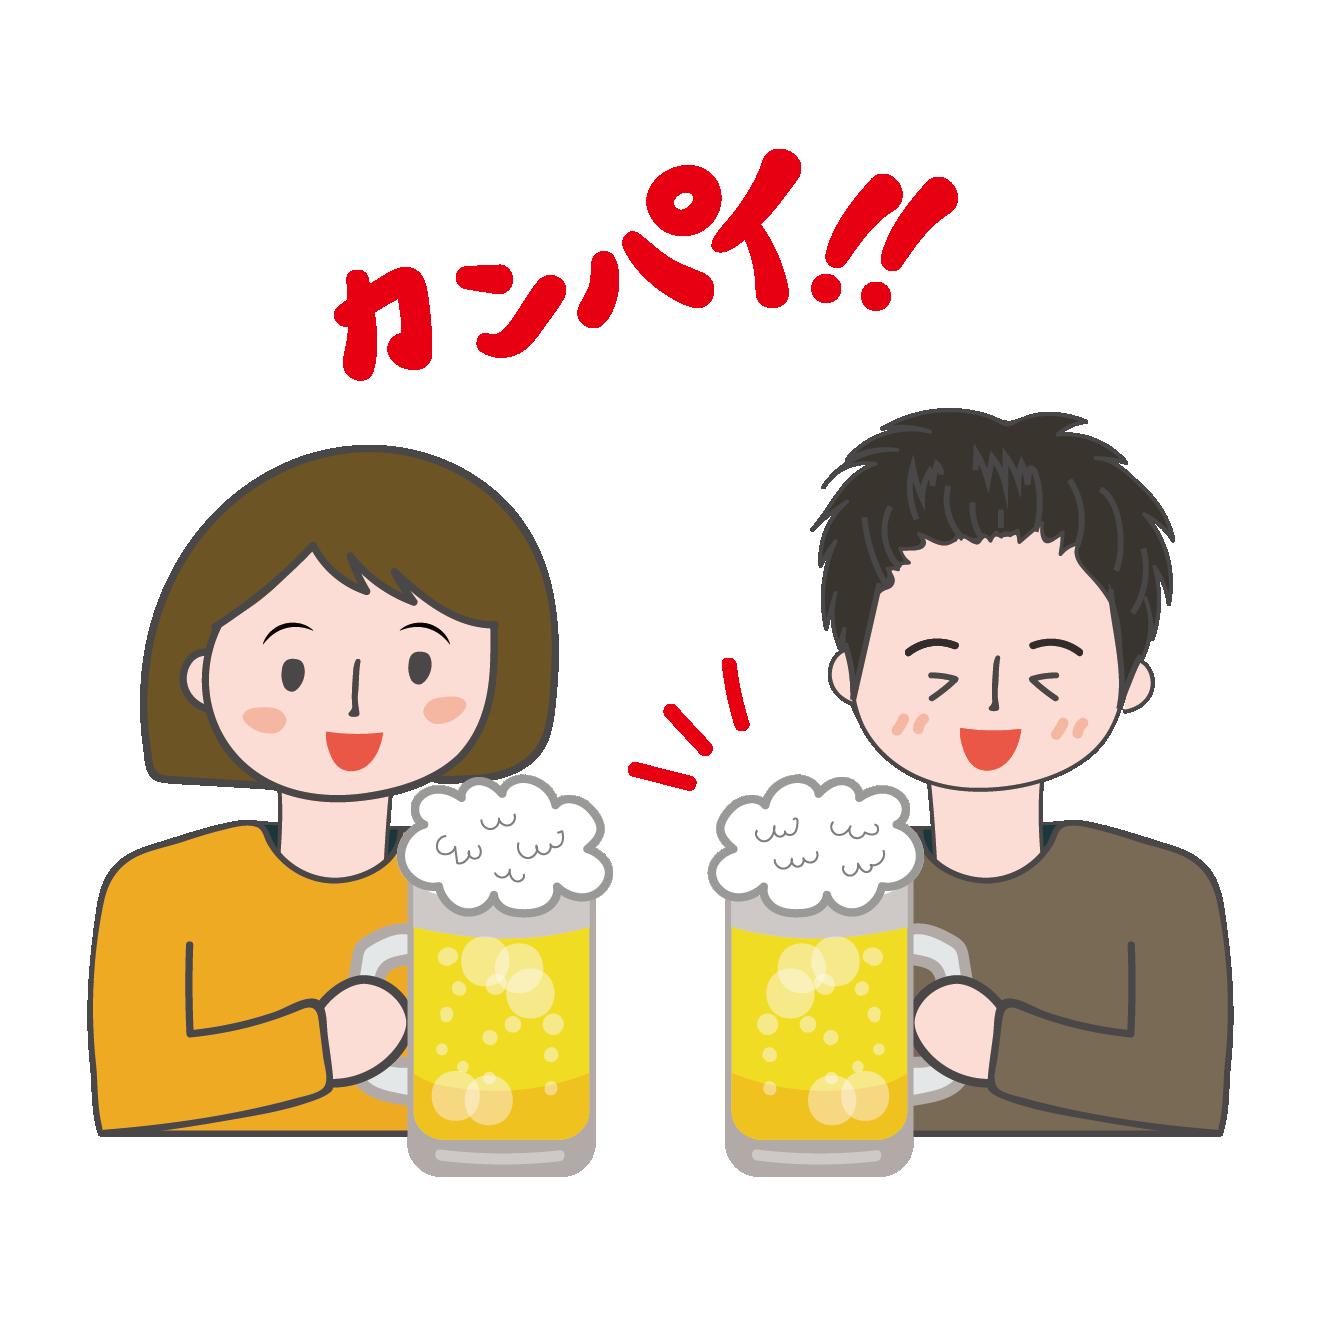 乾杯 イラストまずはビールで イラスト 商用フリー無料の